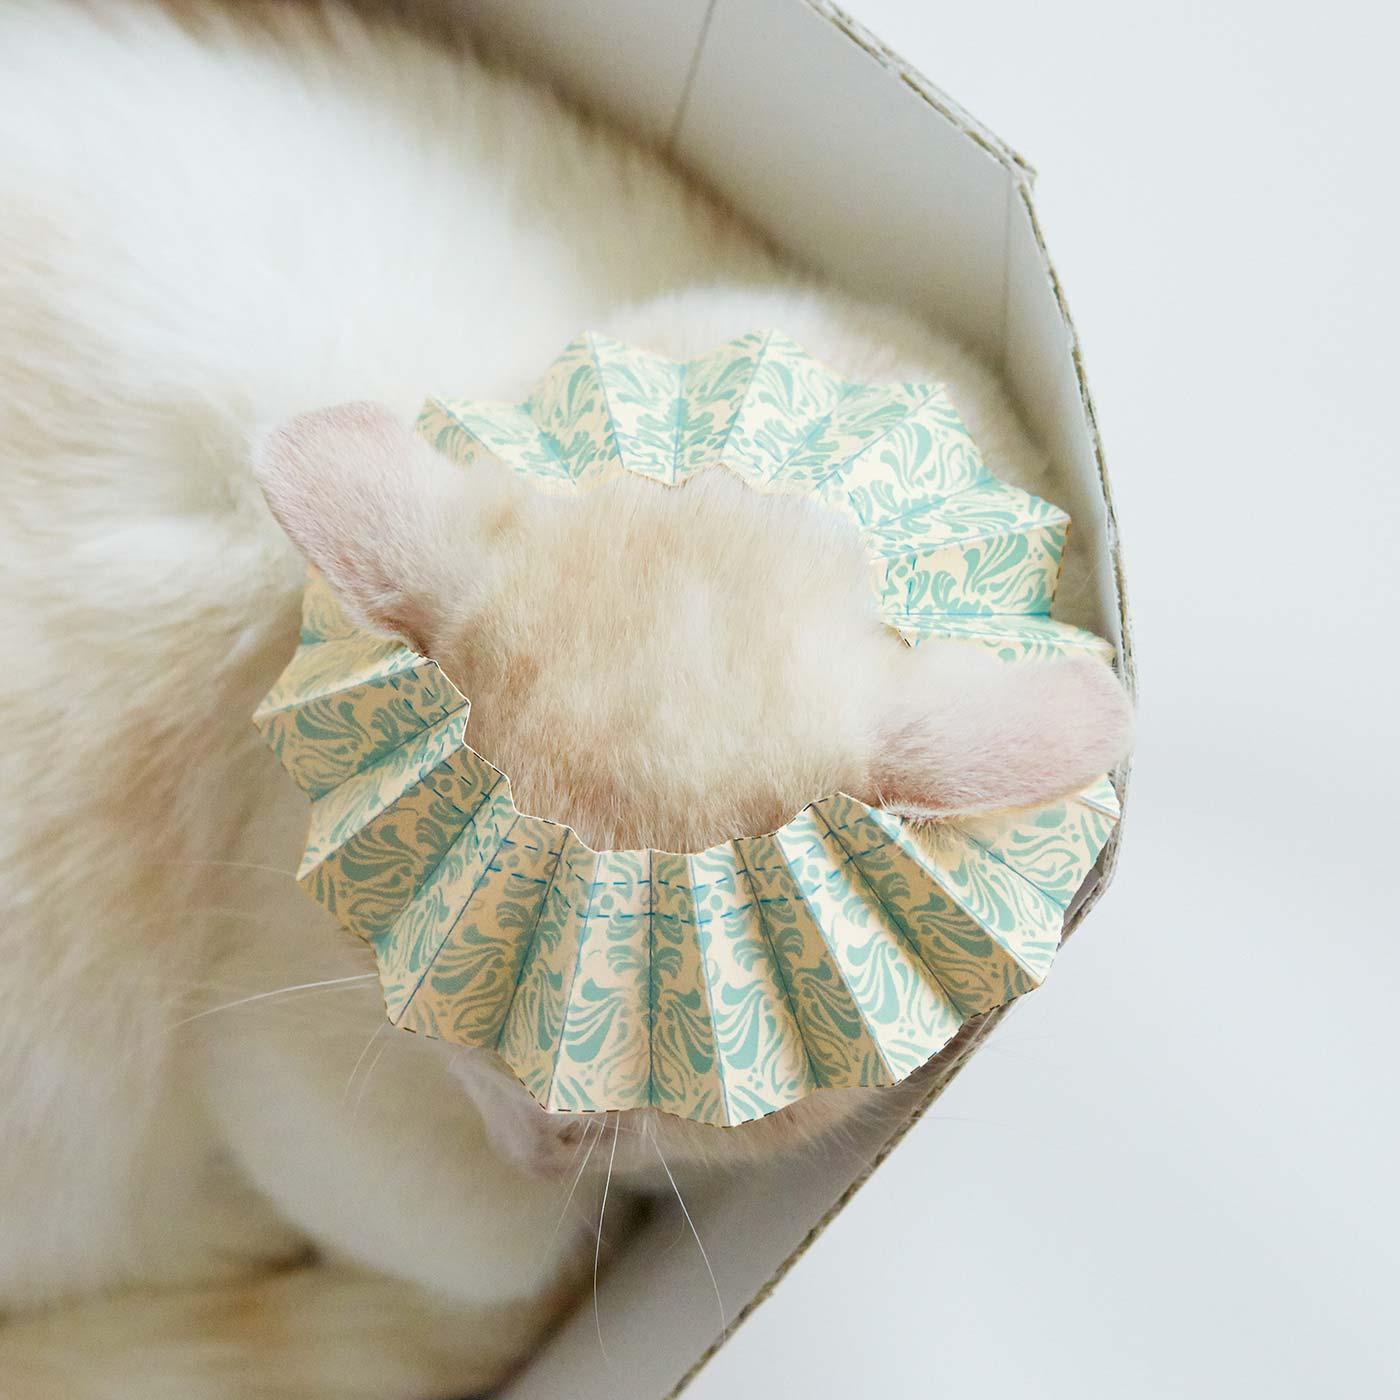 シャンプーハットはネコ耳ポケット付きで頭にすっぽり。